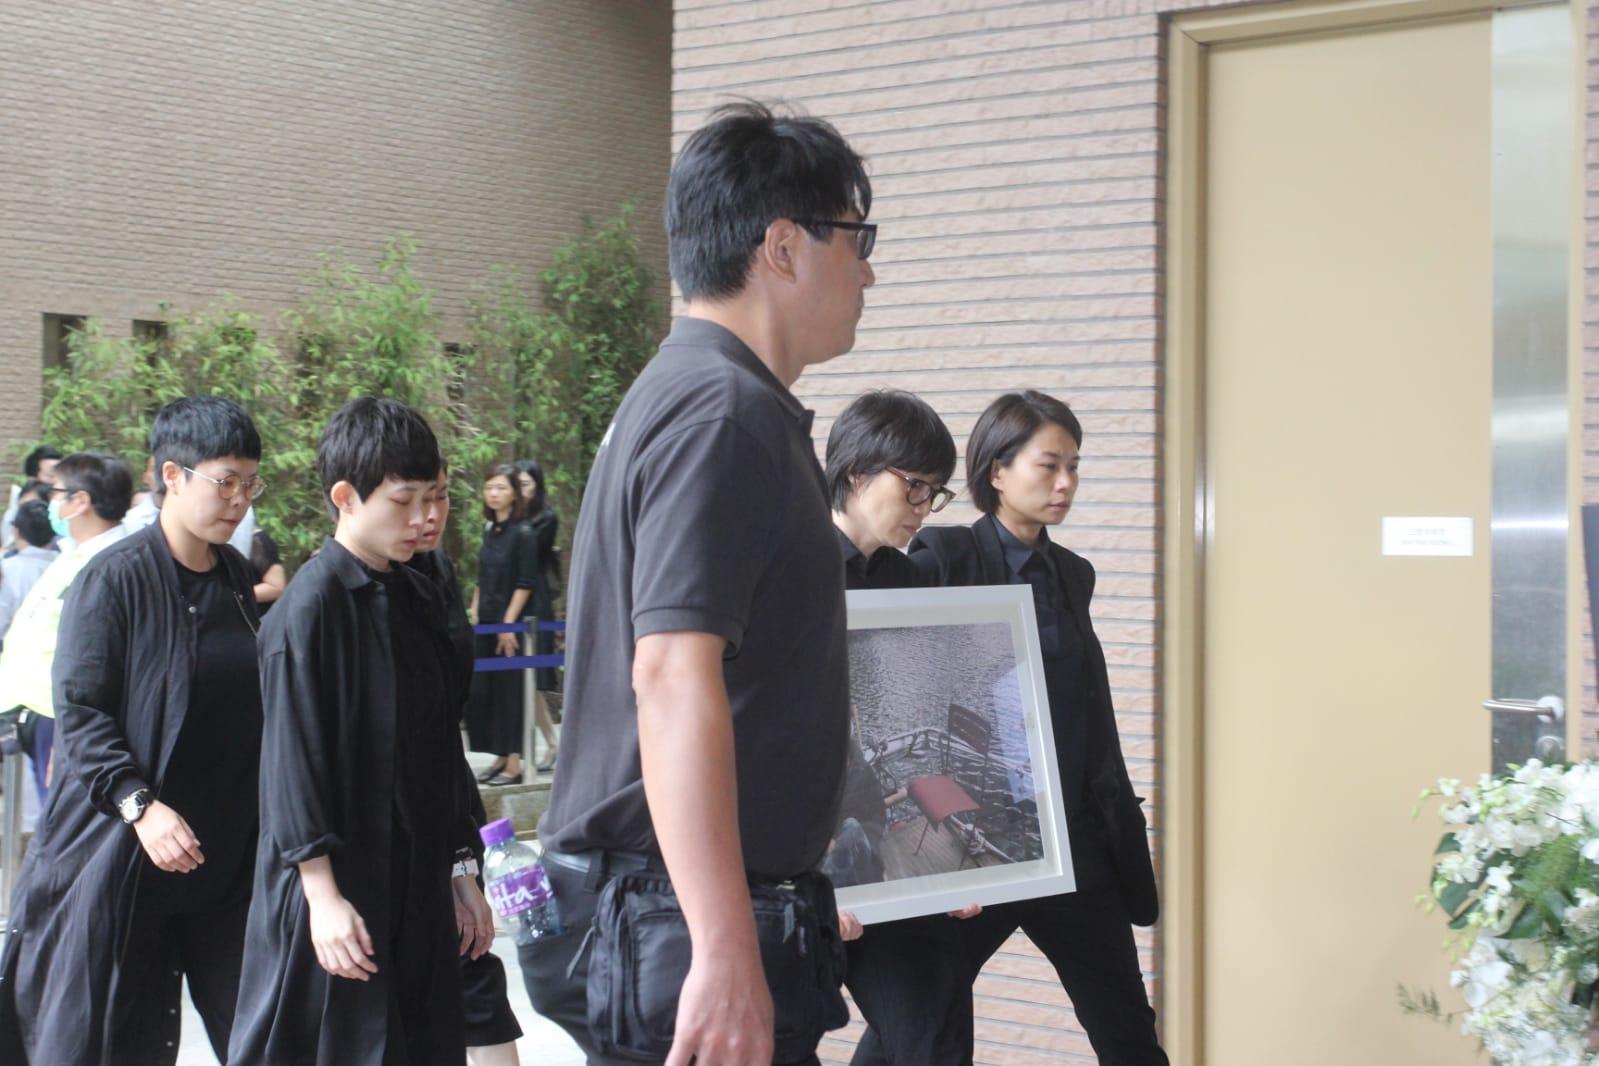 盧凱彤(Ellen)於本月5日在跑馬地寓所墮斃,終年32歲。今早在香港殯儀館出殯,白色靈柩上放置了木結他,運入佈滿白蘭花的靈車內;消瘦的遺孀余靜萍捧著Ellen遺照,坐在靈車內,旁邊有林二汶和助手Jelly陪伴,齊到達歌連臣角火葬場。 靈車駛離殯儀館時大批人上前影相令場面混亂,獲警員、便衣警員連保安逾10人幫忙開路,擾攘數分鐘靈車才開出;殯儀館外的天穚上有數十位歌迷目送靈車。約11時半,神情悲傷的余靜萍捧著遺照下車,在親友及林二汶陪同下步入禮堂,何韻詩、林嘉欣在場幫忙打點及等待靈柩運抵。Ellen父母、黃